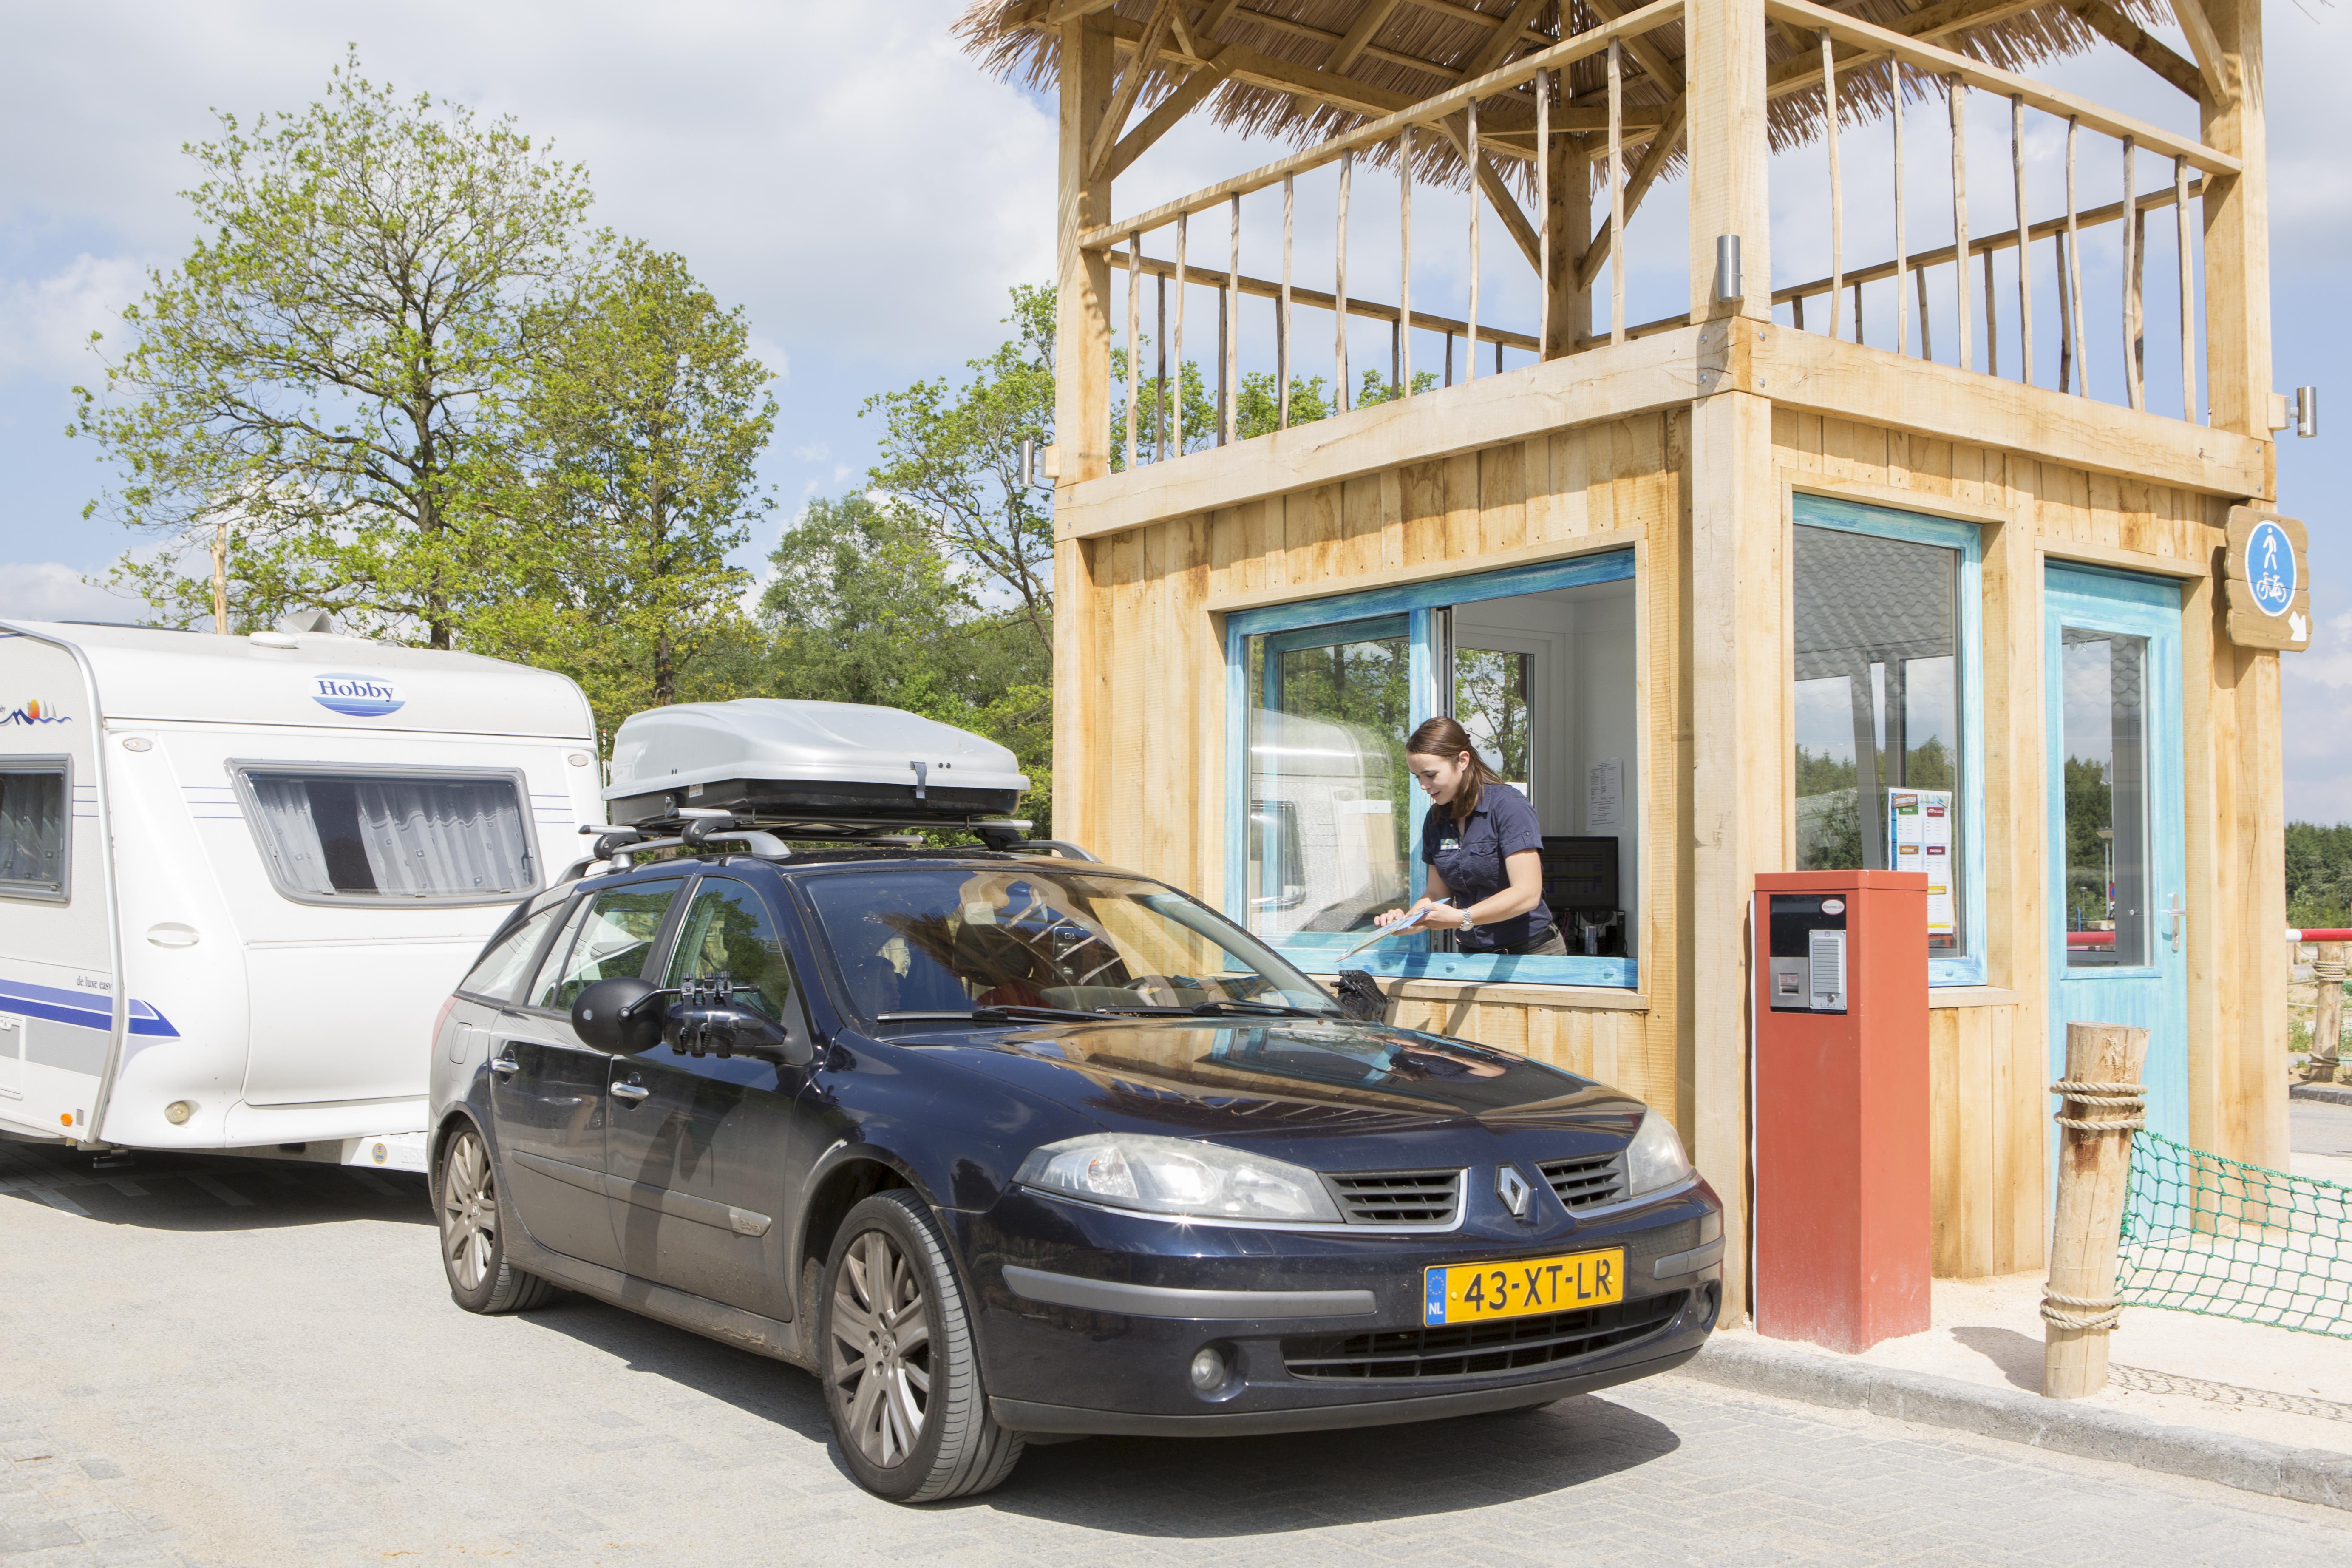 Hemelvaart en Pinksteren kamperen op een 5 sterren camping - 5sterren kamperen Hemelvaart en Pinksteren